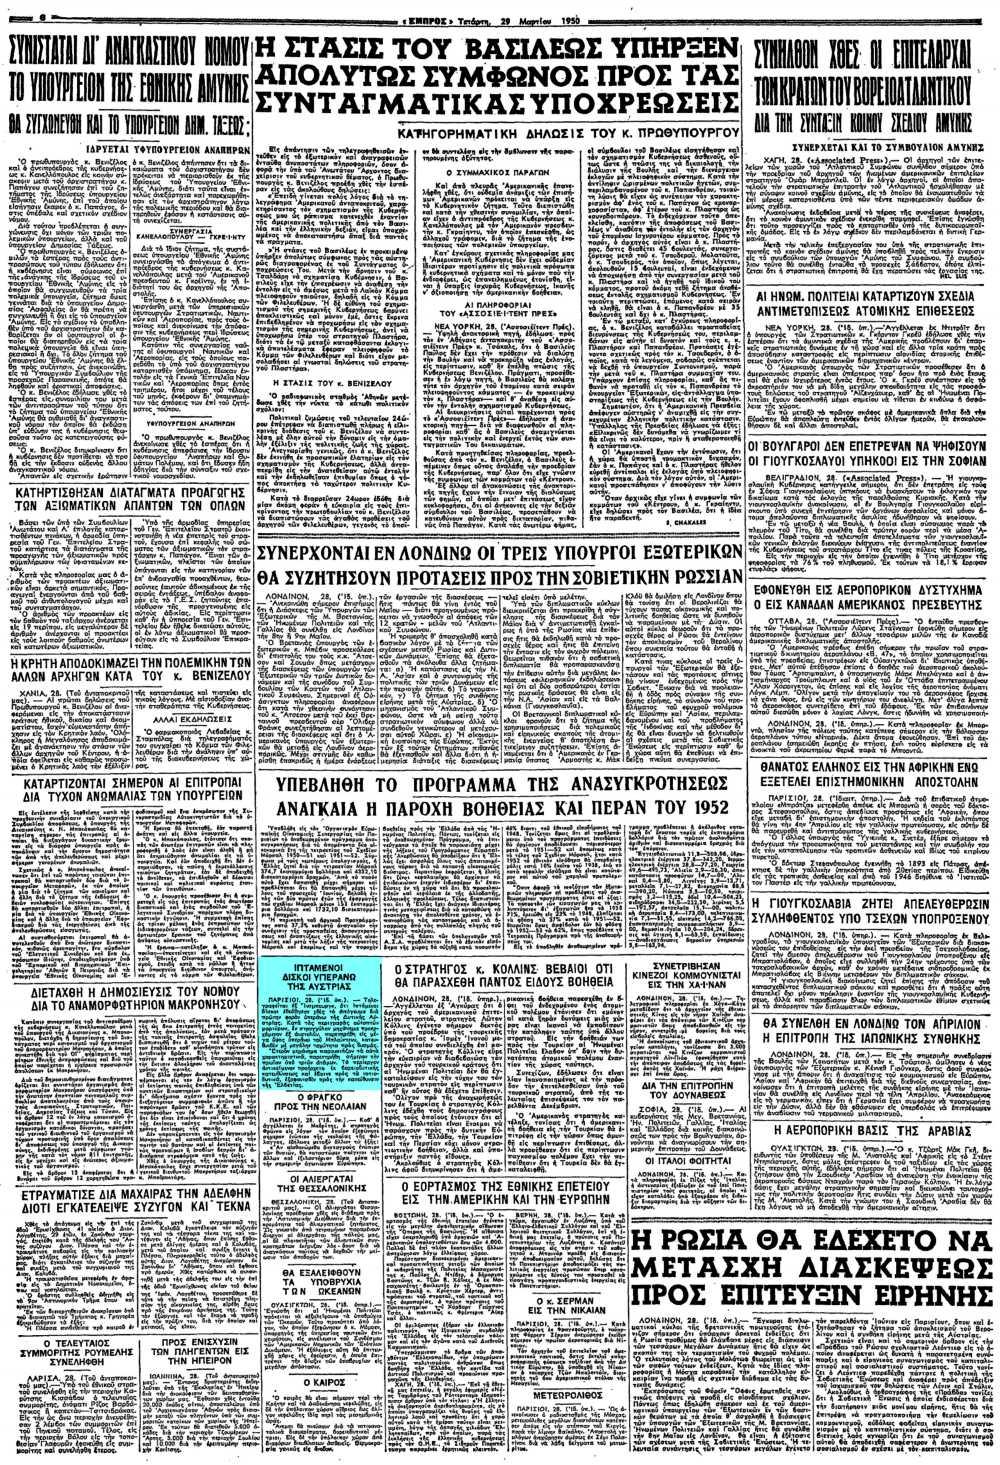 """Το άρθρο, όπως δημοσιεύθηκε στην εφημερίδα """"ΕΜΠΡΟΣ"""", στις 29/03/1950"""